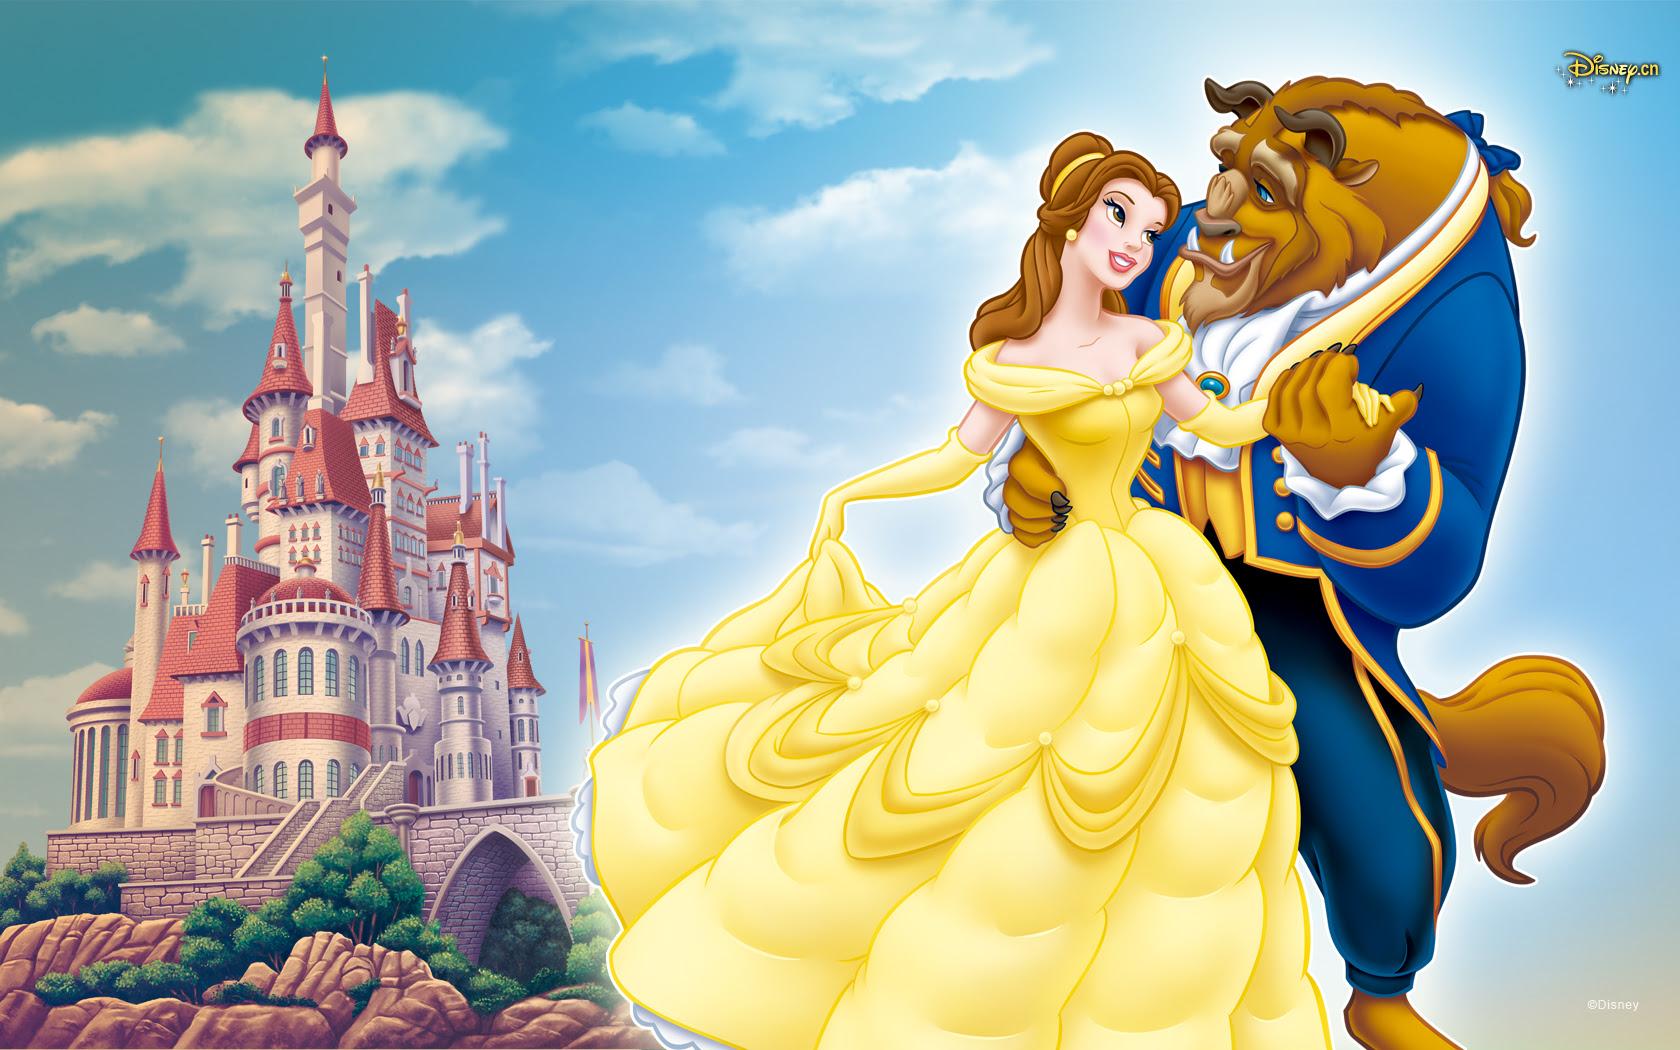 Beauty And Beast 美女と野獣 壁紙 38352214 ファンポップ